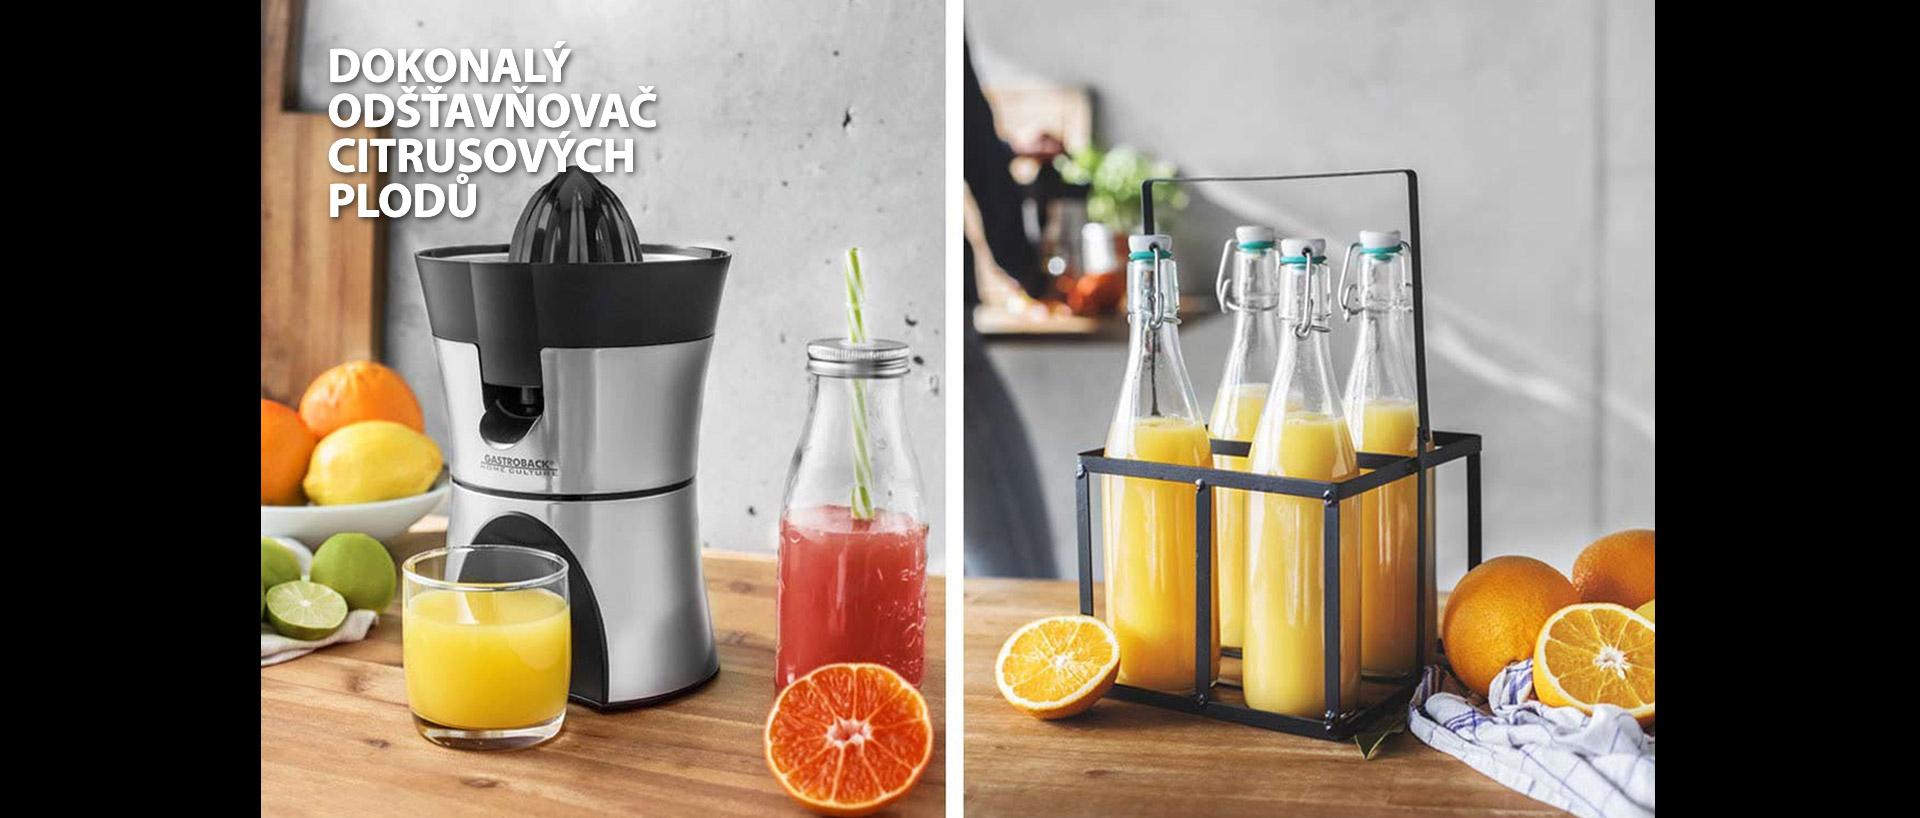 Odšťavňovač citrusových plodů